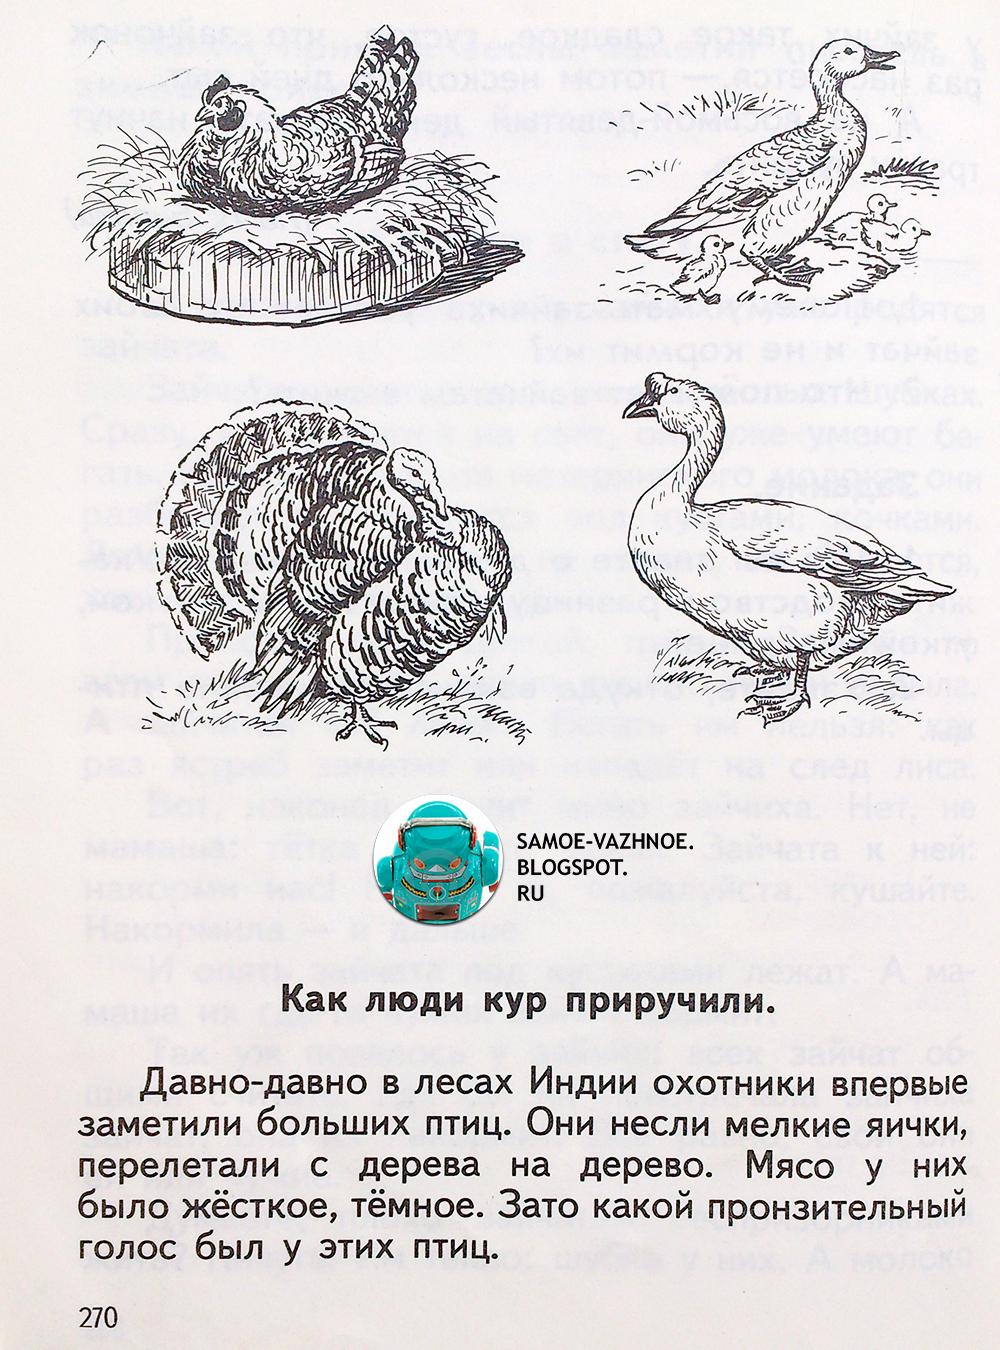 Романовская Живое слово страницы фотографии скан